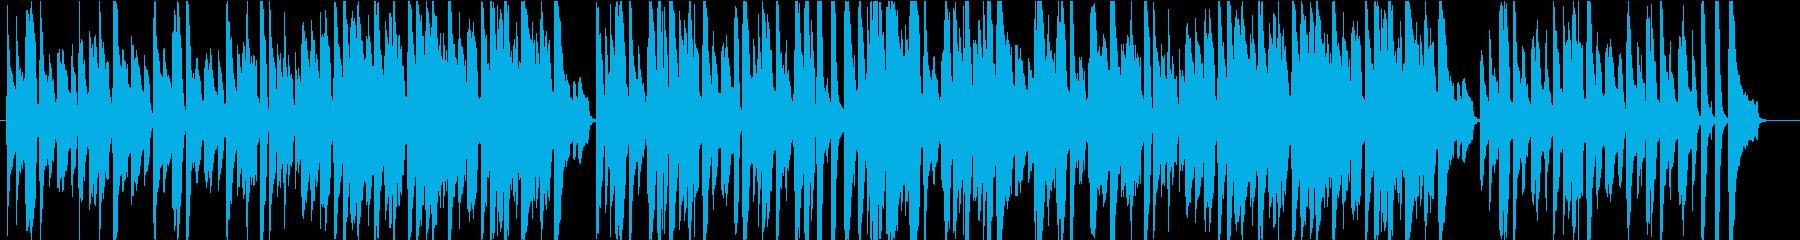 バサノバ ほのぼの 幸せ 可愛い ...の再生済みの波形